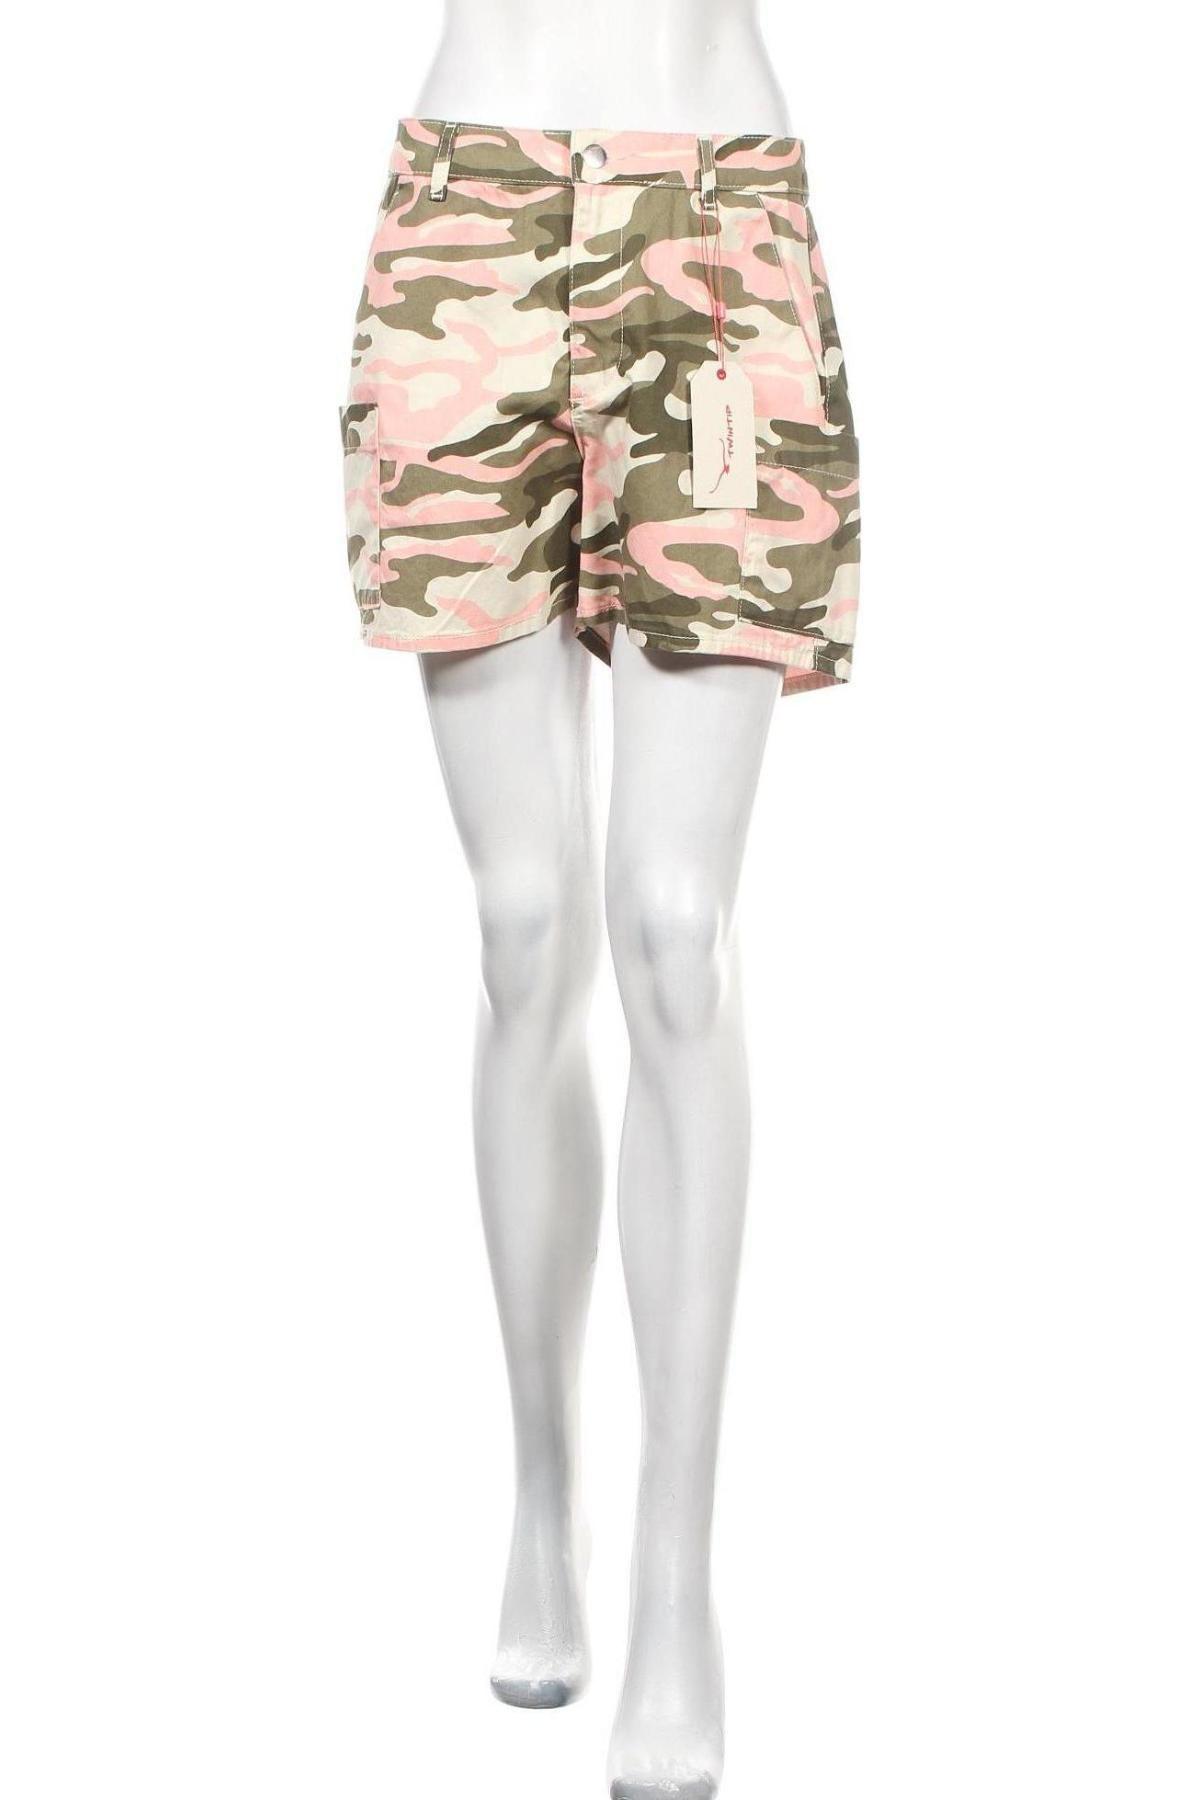 Γυναικείο κοντό παντελόνι Twintip, Μέγεθος M, Χρώμα Πολύχρωμο, Βαμβάκι, Τιμή 11,34€